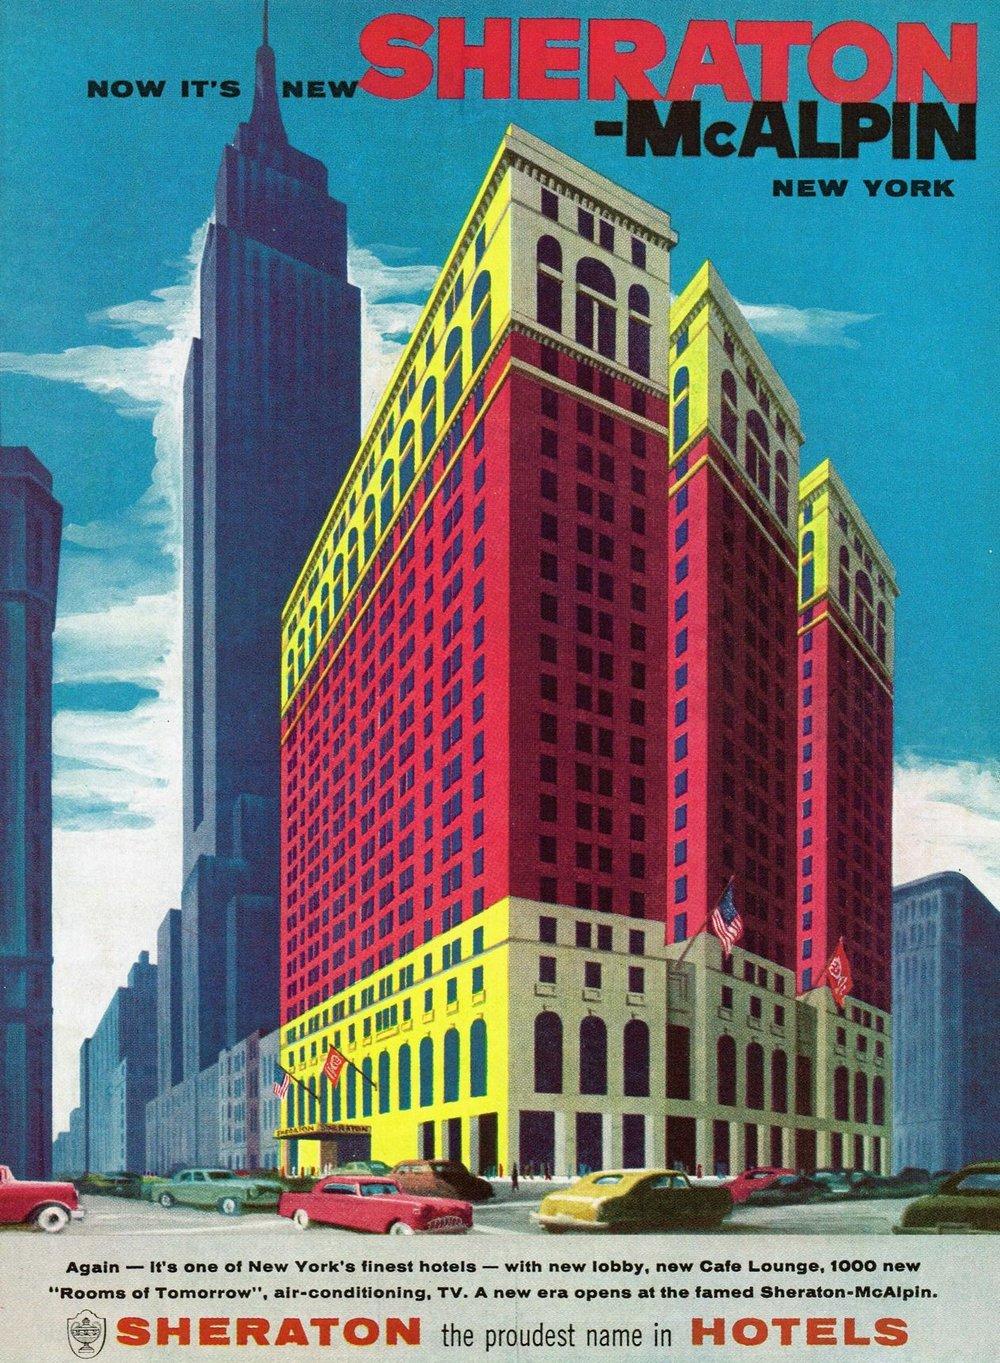 1957 -  The Sheraton-McAlpin in New York